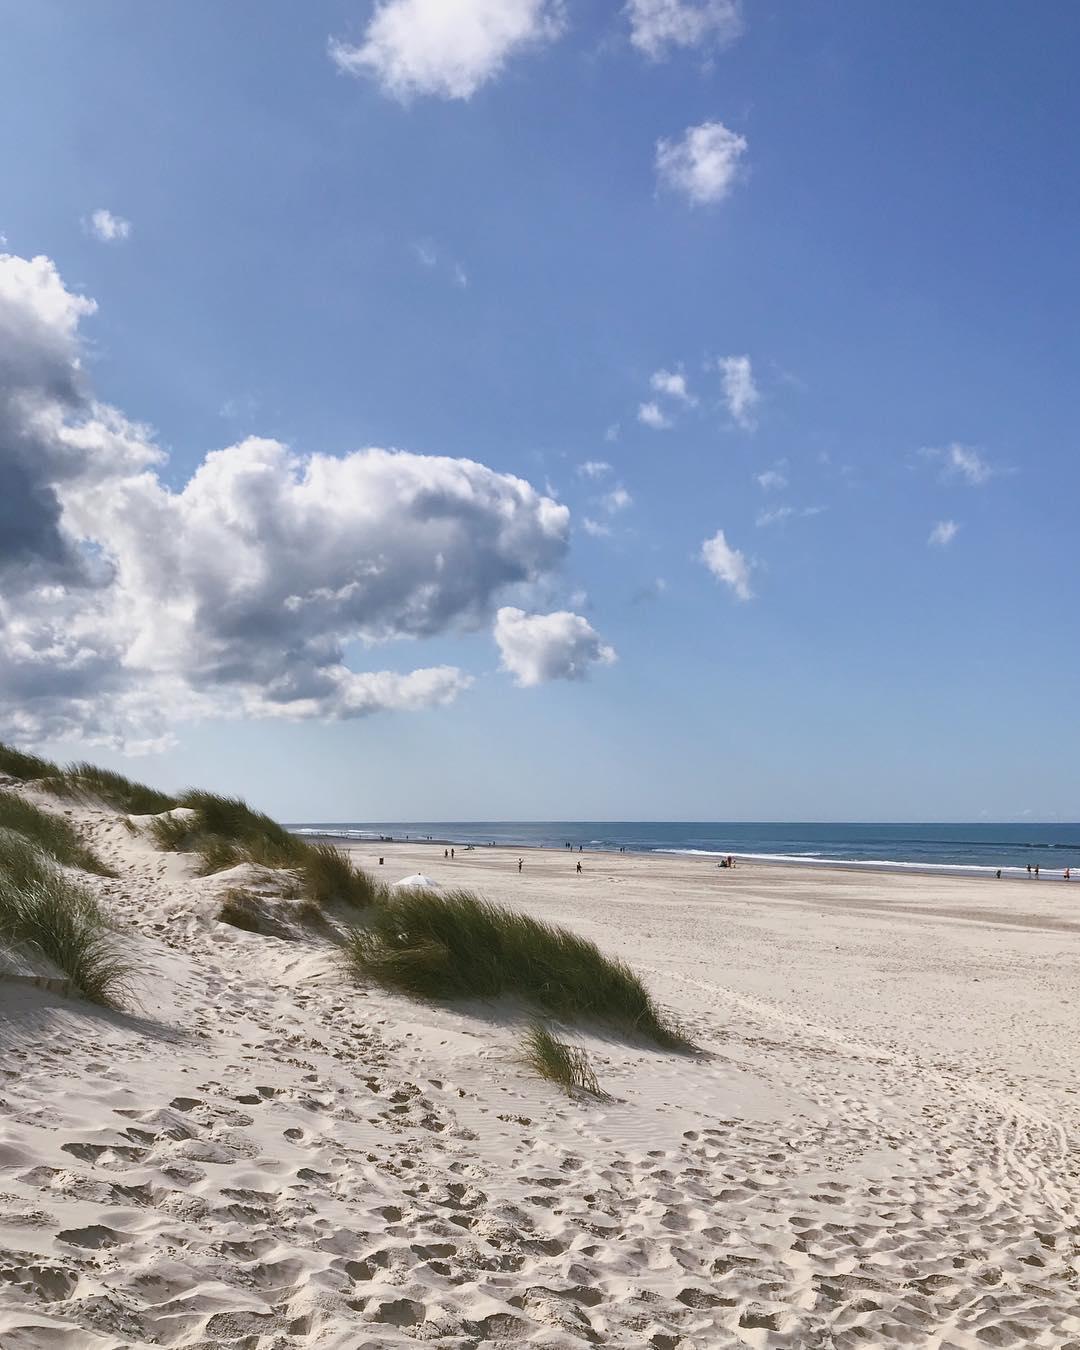 Strandurlaub mit der Familie - Dänemark mit Kindern - Ferienhaus in Henne Strand